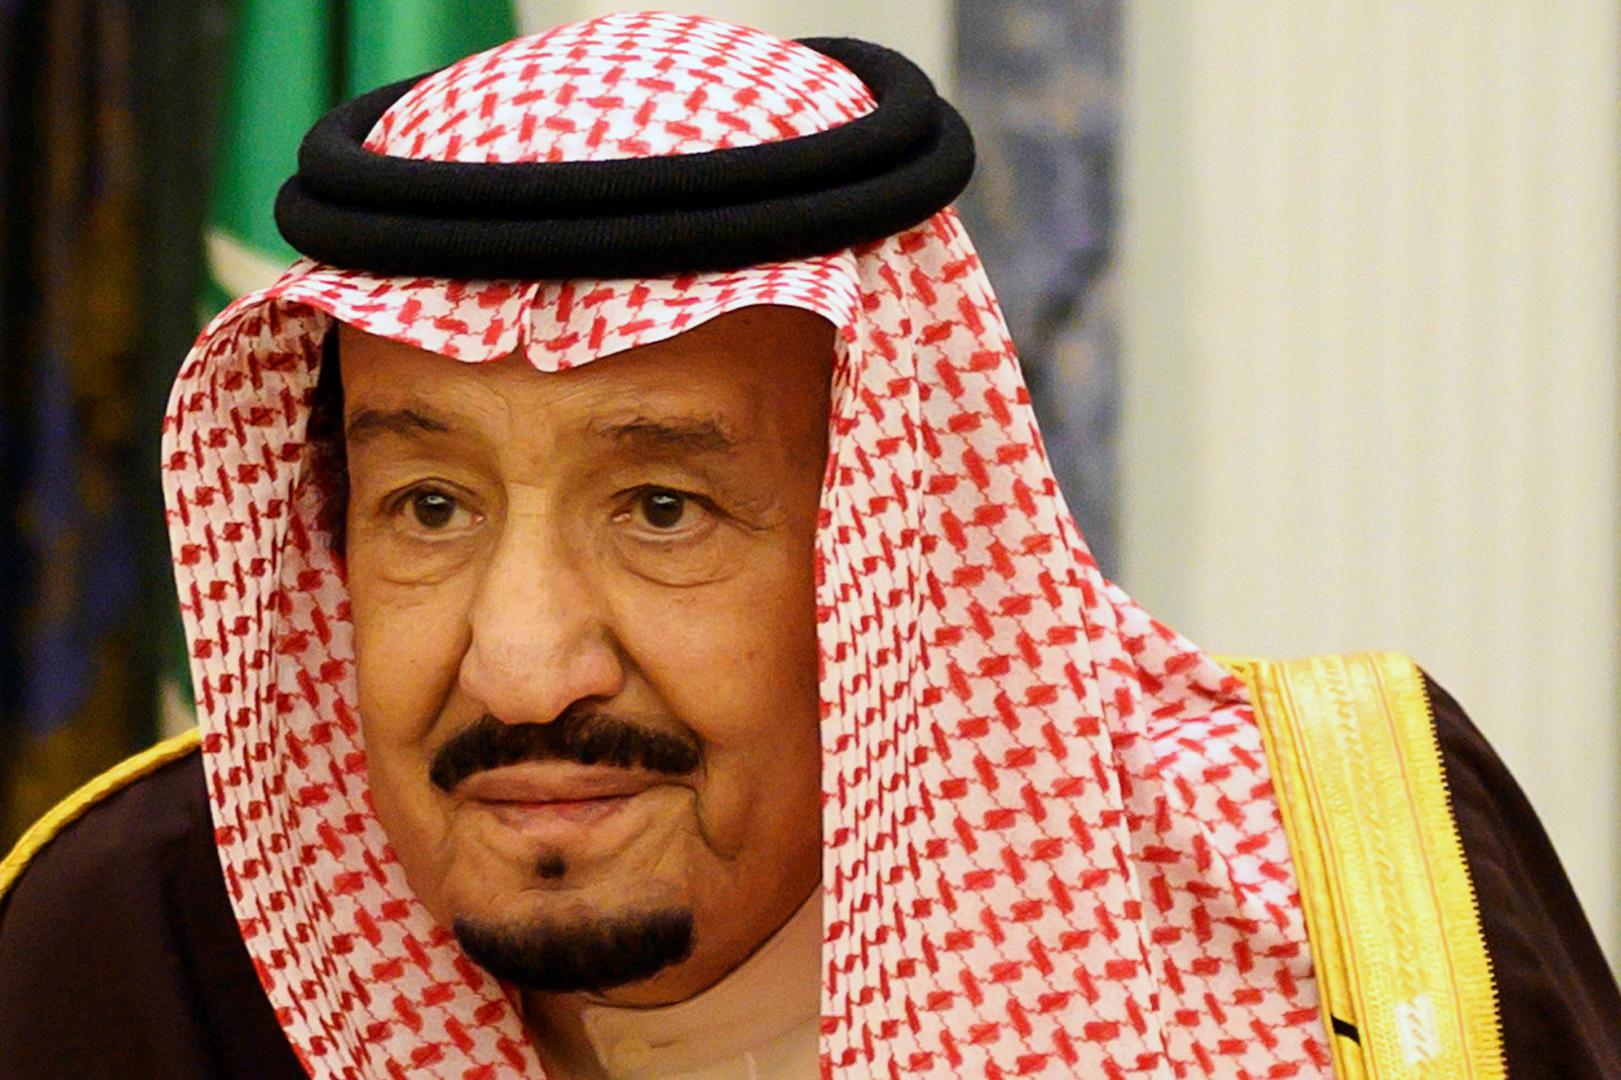 صورة من الأرشيف - العاهل السعودي الملك سلمان بن عبد العزيز